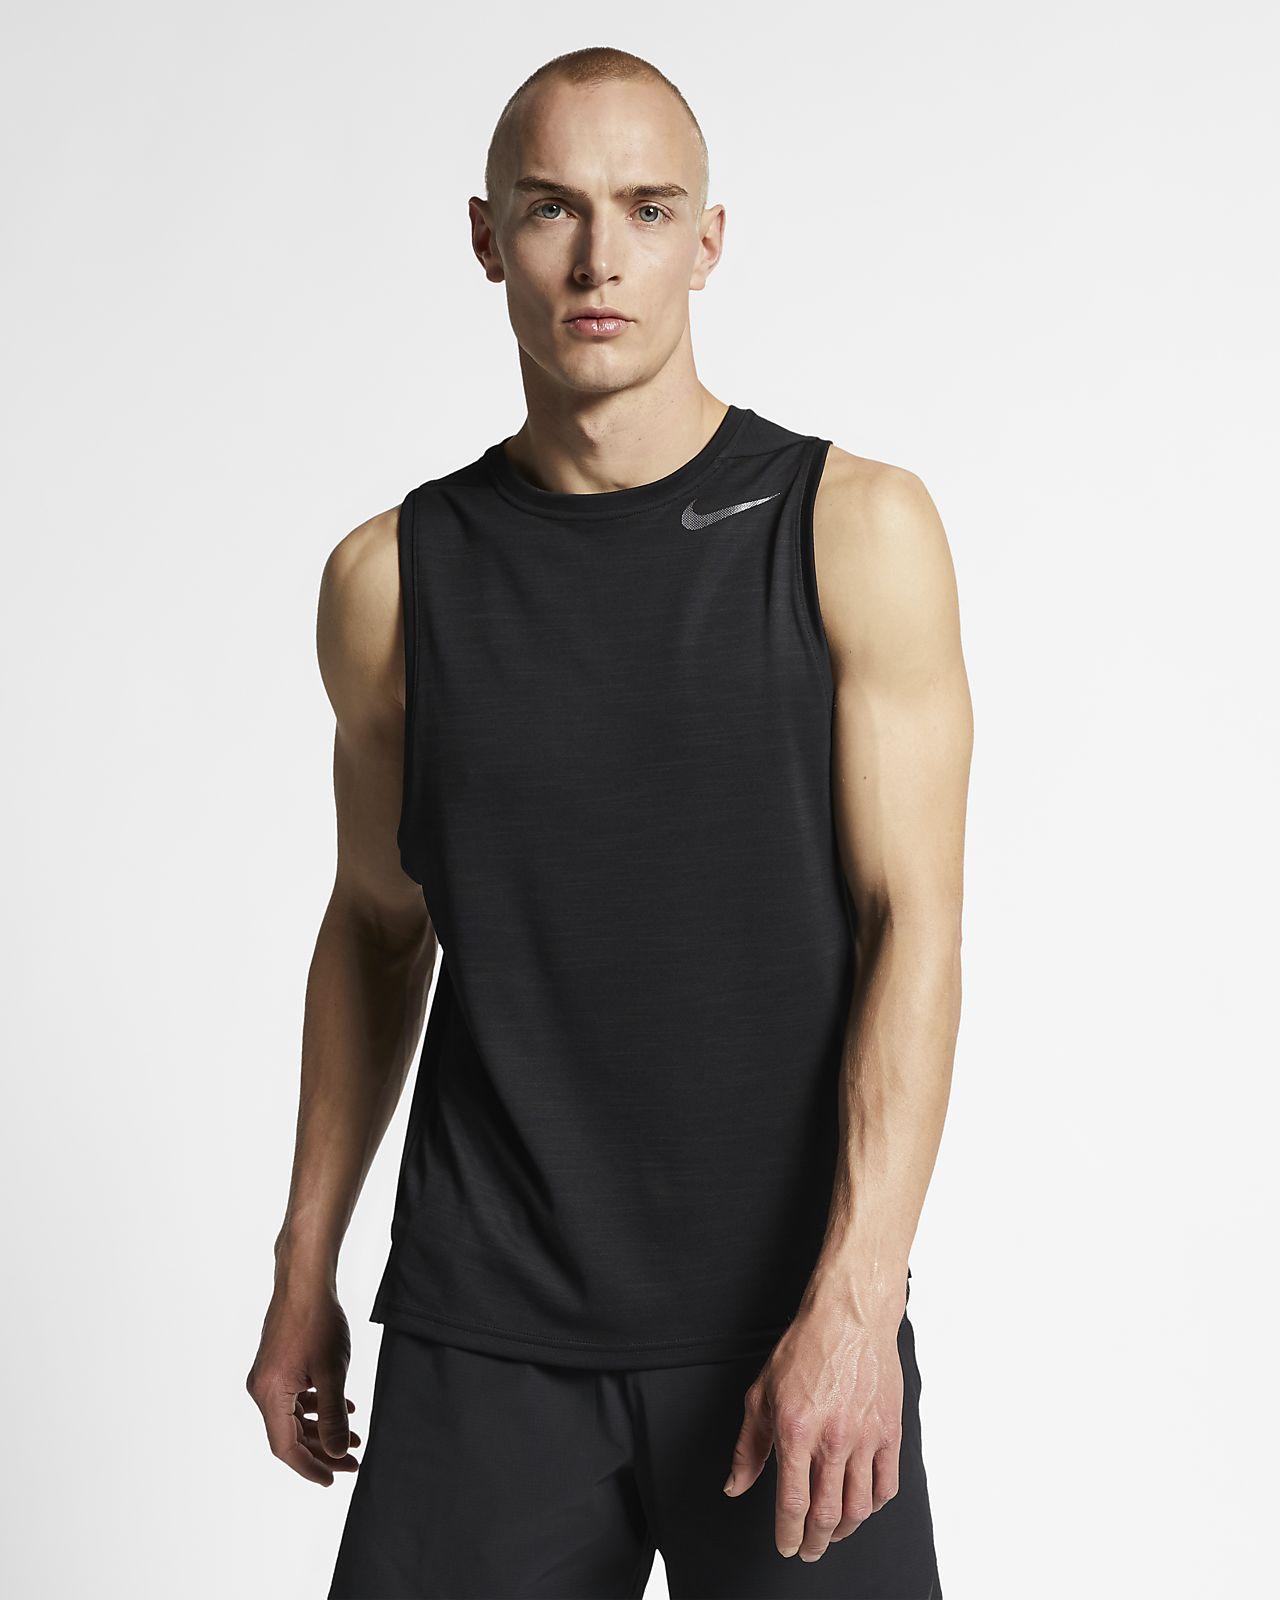 เสื้อกล้ามเทรนนิ่งผู้ชาย Nike Superset